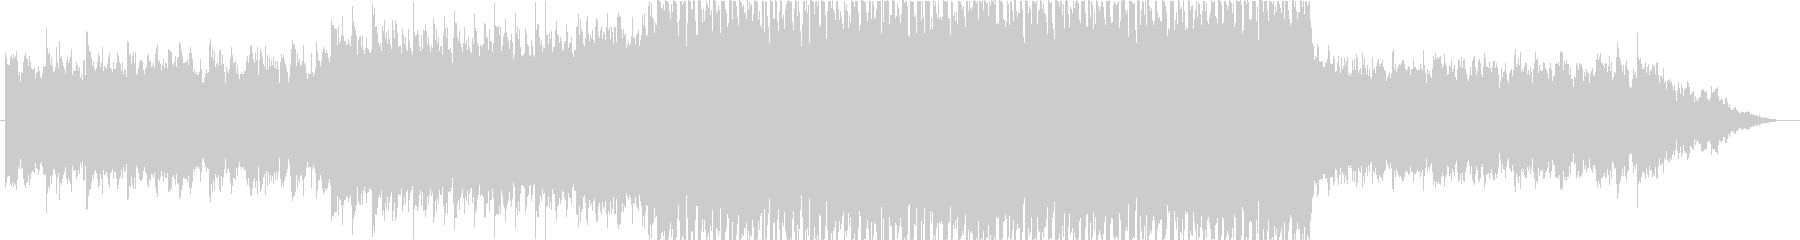 オツキミ / 和風FutureBassの未再生の波形